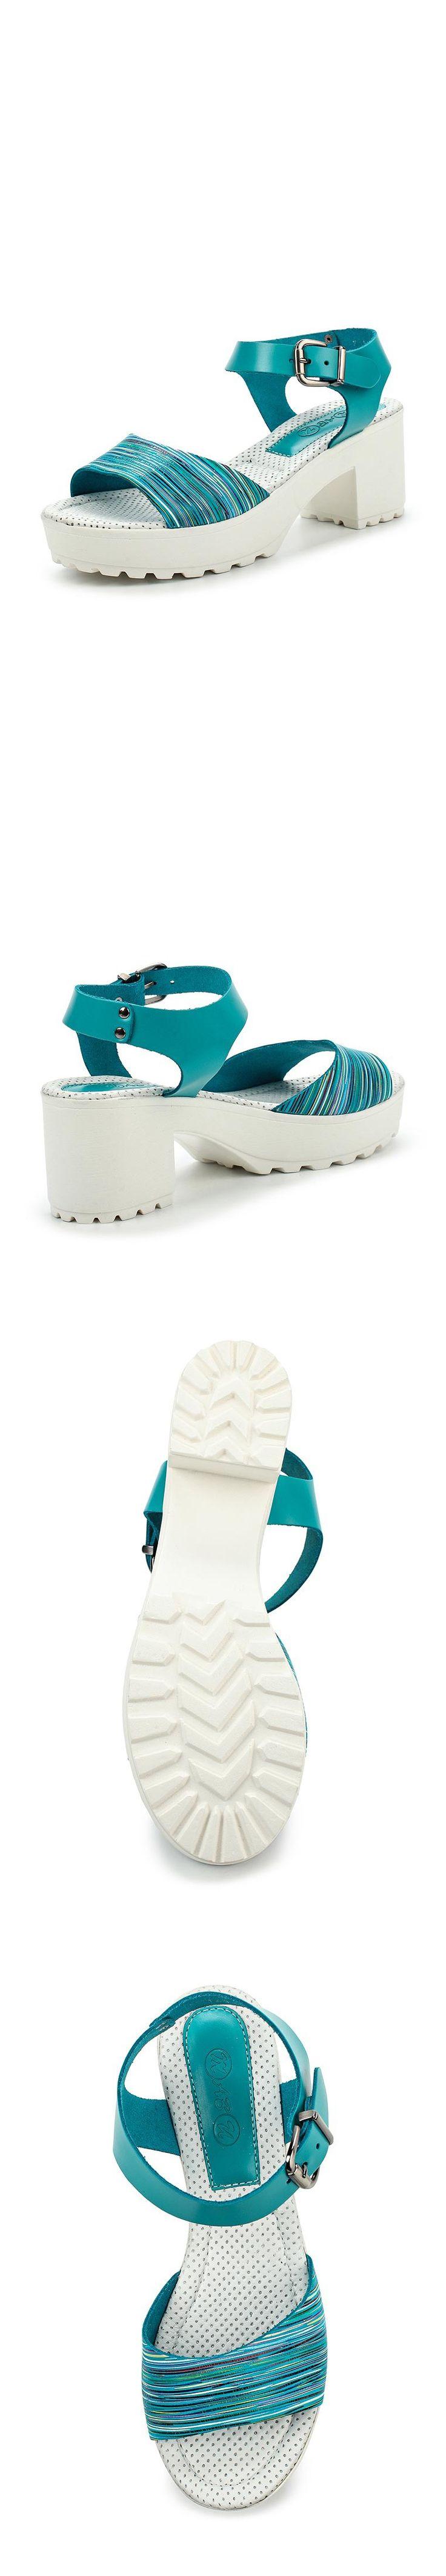 Женская обувь босоножки Mabu за 5999.00 руб.